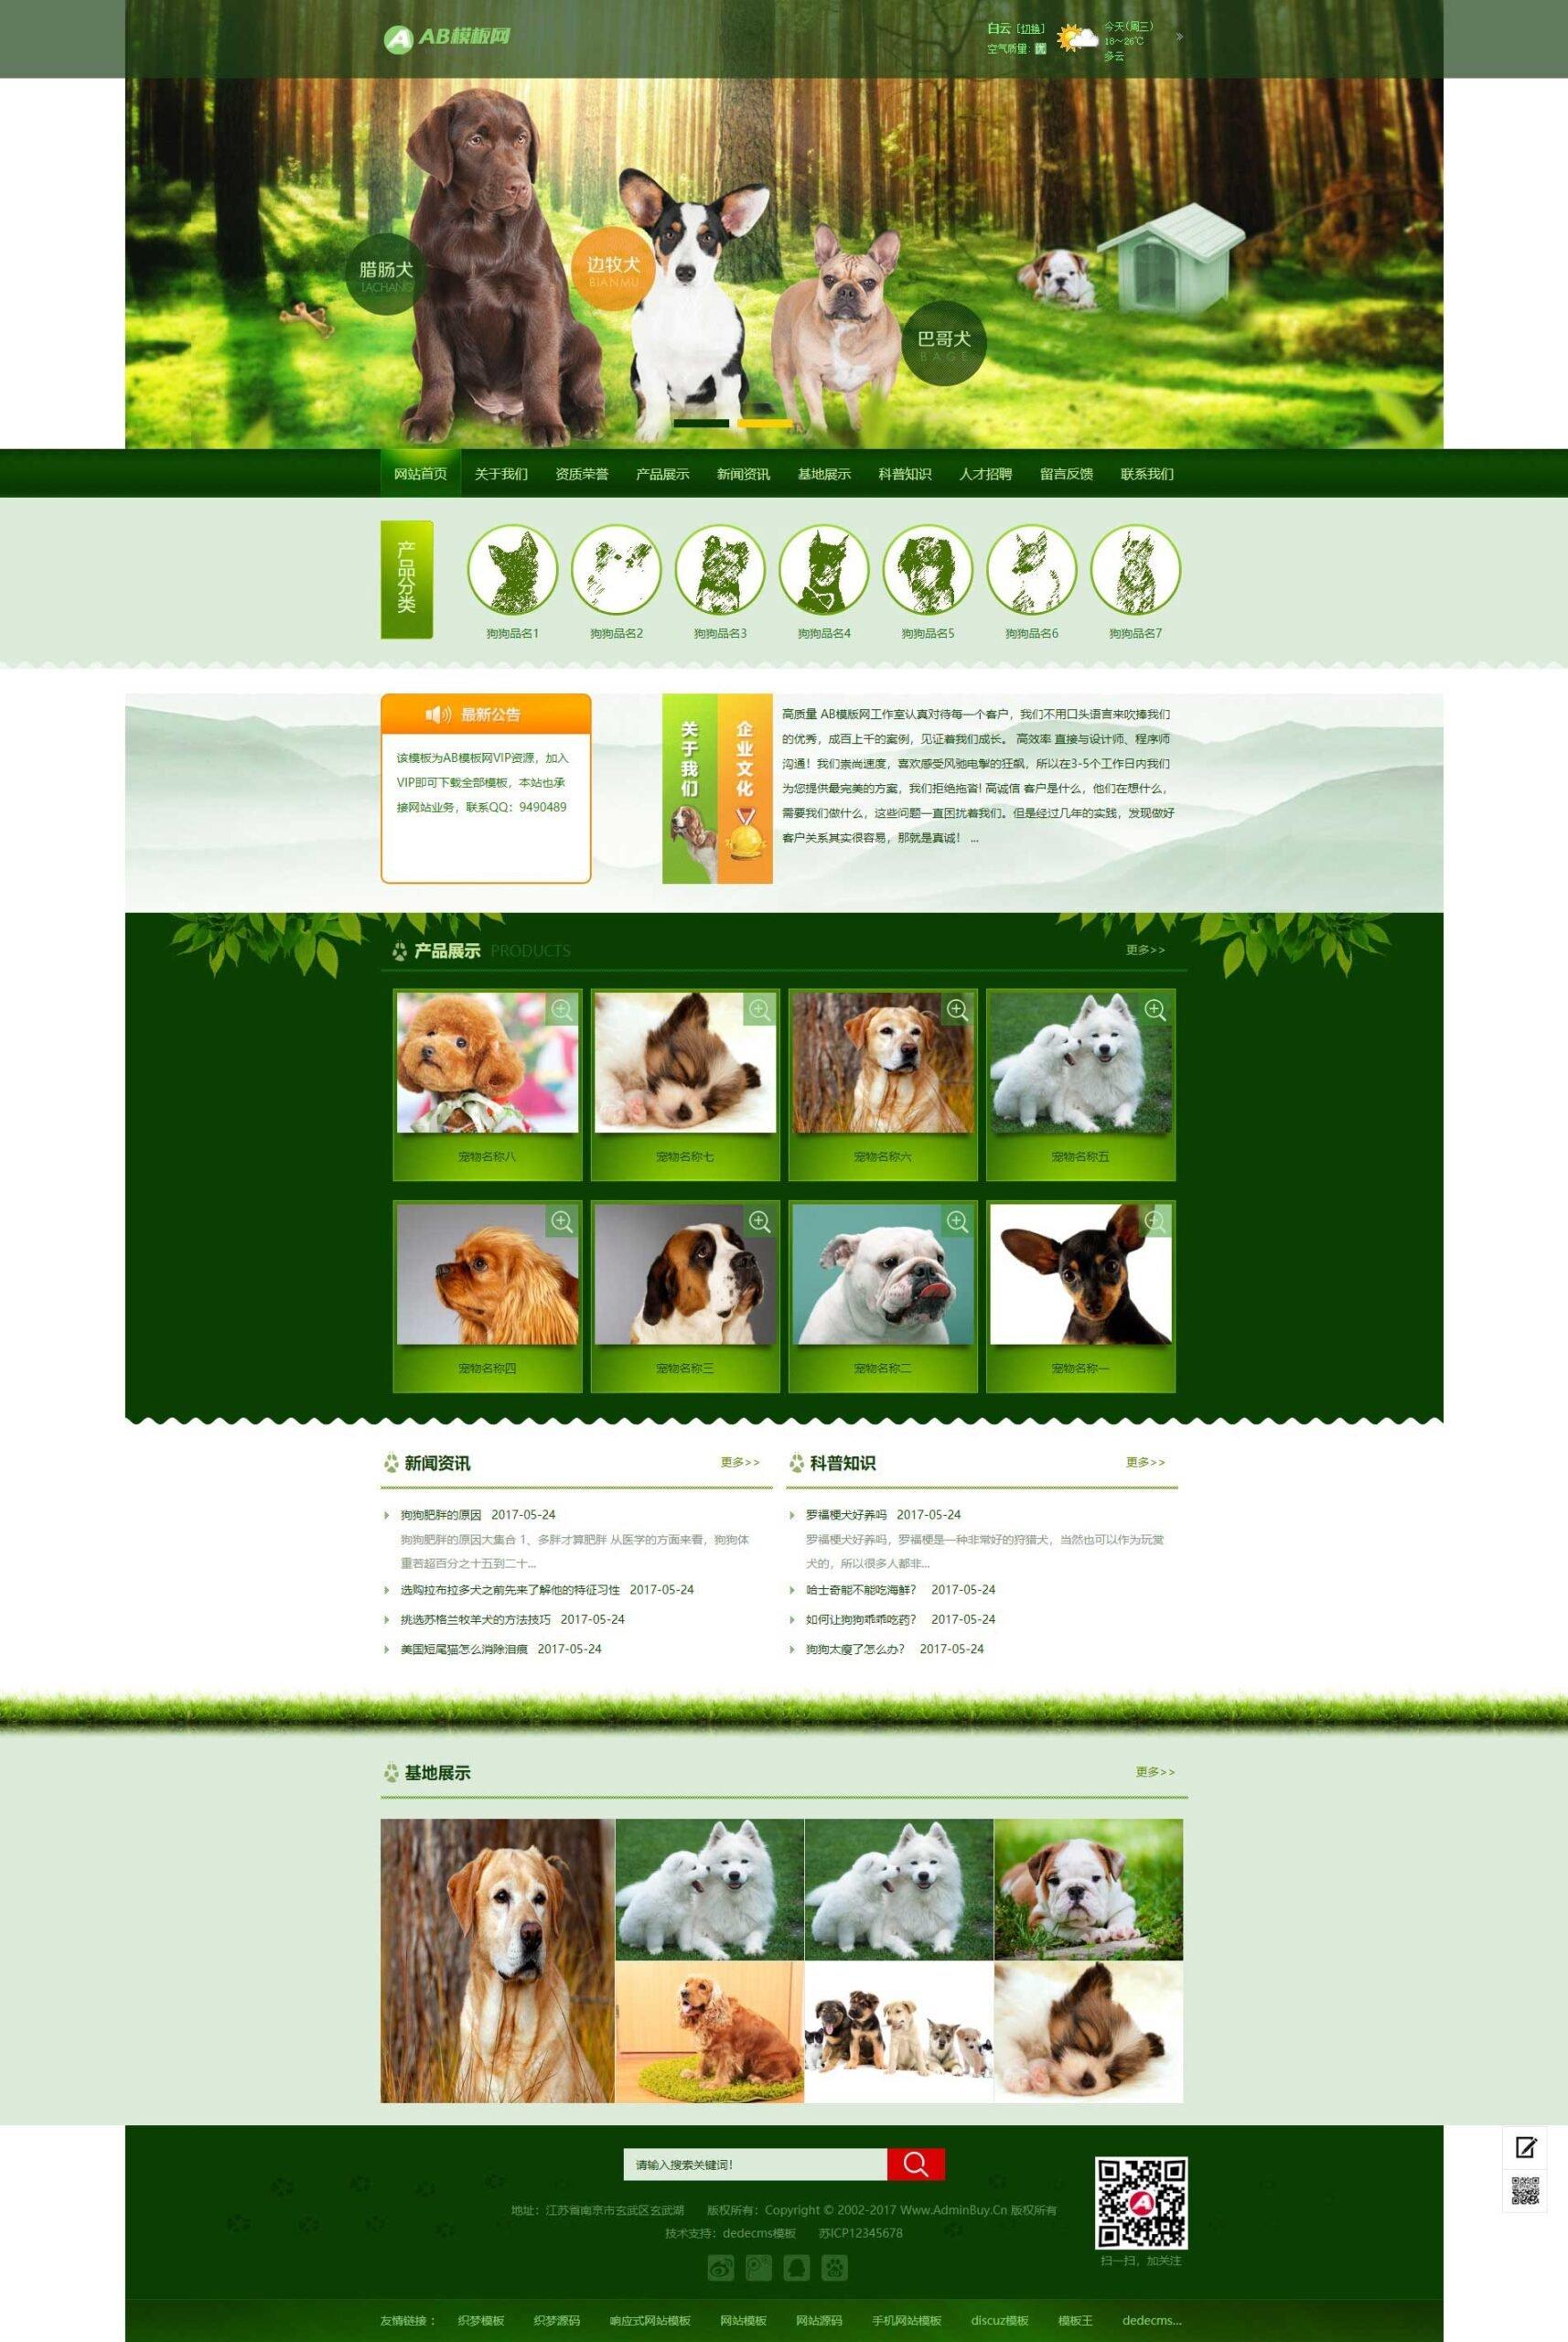 鹤云资源博客-宠物机构宠物店网站织梦dede模板源码[带手机版数据同步]插图